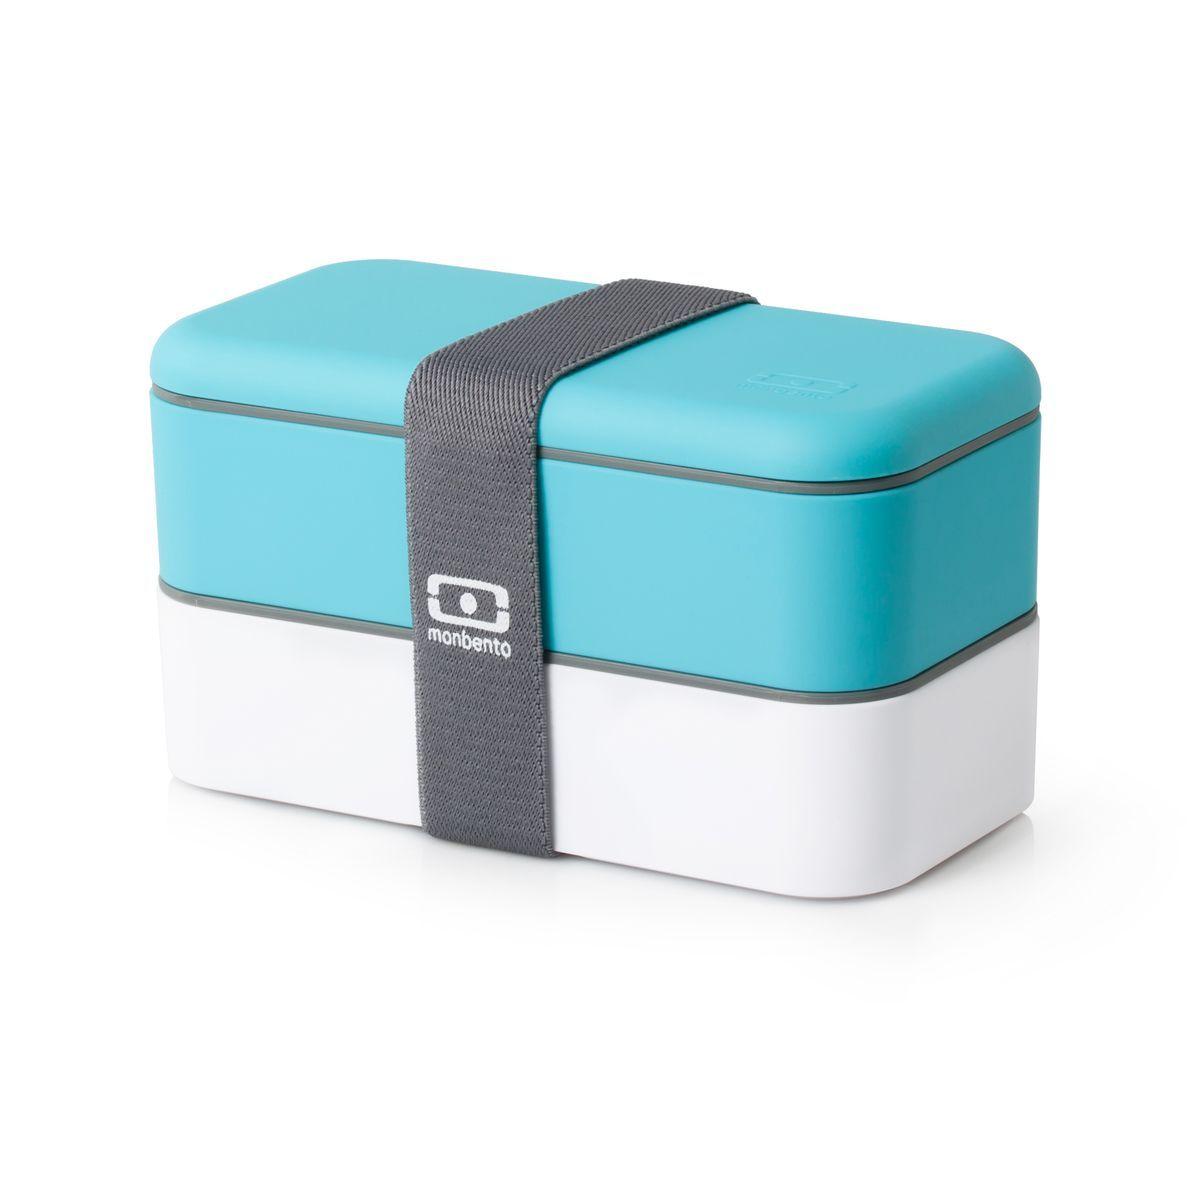 Ланч-бокс Monbento Original, цвет: белый, голубой, 1 л1200 02 104Ланчбокс Monbento Original изготовлен из высококачественного пищевого пластика с приятным на ощупь прорезиненным покрытием soft-touch. Предназначен для хранения и переноски пищевых продуктов. Ланчбокс представляет собой два прямоугольных контейнера, в которых удобно хранить различные блюда. В комплекте также предусмотрена емкость для соуса, которая удобно помещается в одном из контейнеров. Контейнеры вакуумные, что позволяет продуктам дольше оставаться свежими и вкусными. Боксы дополнительно фиксируются друг над другом эластичным ремешком. Компактные размеры позволят хранить ланчбокс в любой сумке. Его удобно взять с собой на работу, отдых, в поездку. Теперь любимая домашняя еда всегда будет под рукой, а яркий дизайн поднимет настроение и подарит заряд позитива. Можно использовать в микроволновой печи и для хранения пищи в холодильнике, можно мыть в посудомоечной машине. В крышке каждого контейнера - специальная пробка, которую надо вытащить, если вы разогреваете...